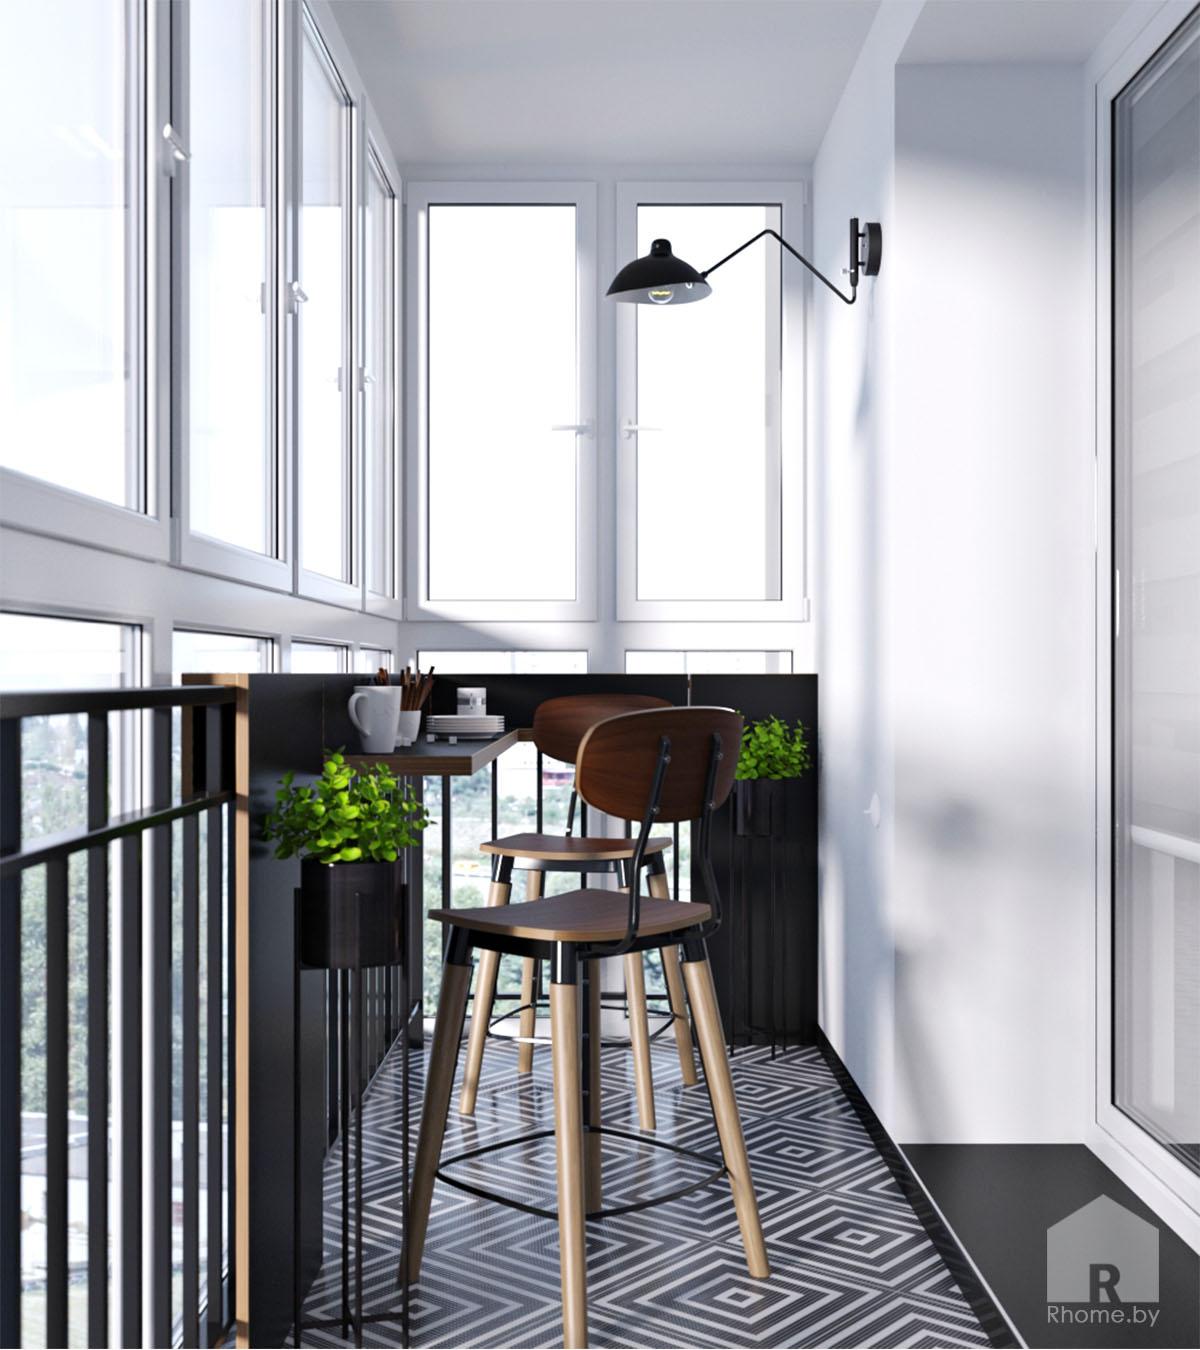 Дизайн интерьера балкона в ретро стиле 50 годов | Дизайн студия – Rhome.by